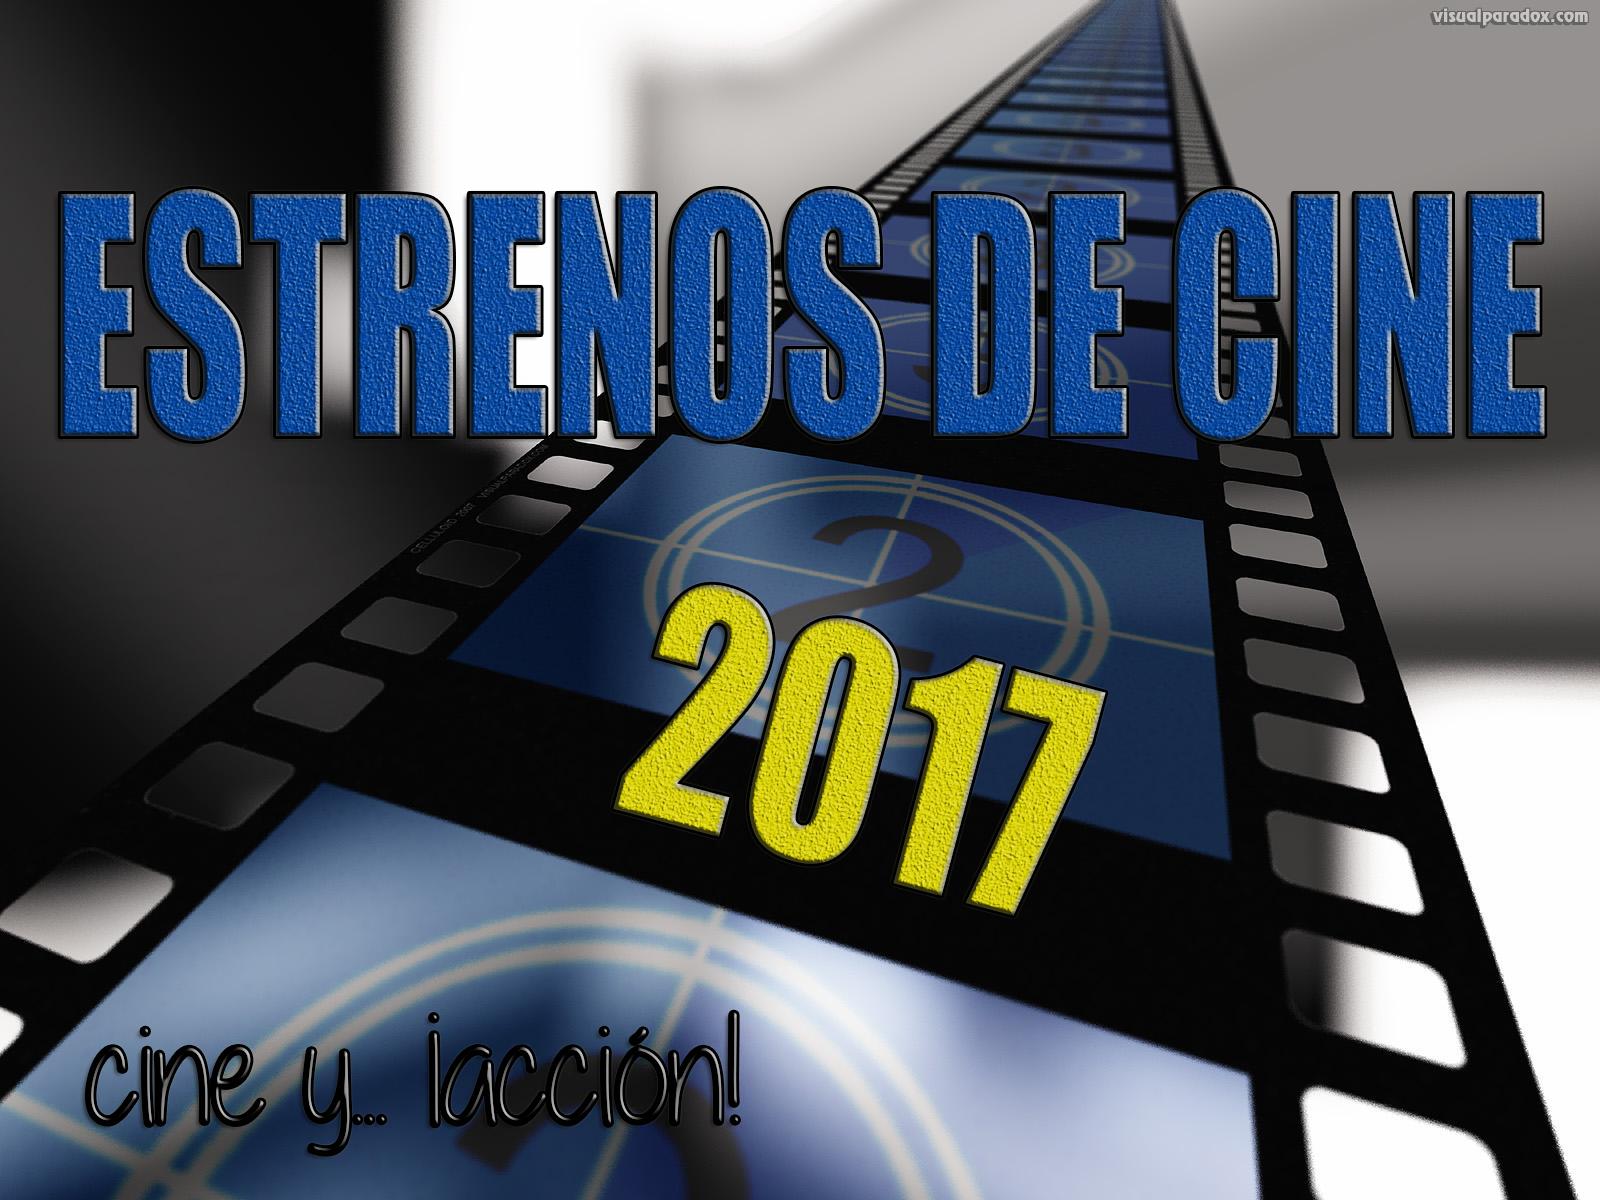 Cine y acci n estrenos y taquilla de la semana 26 for M estrenos